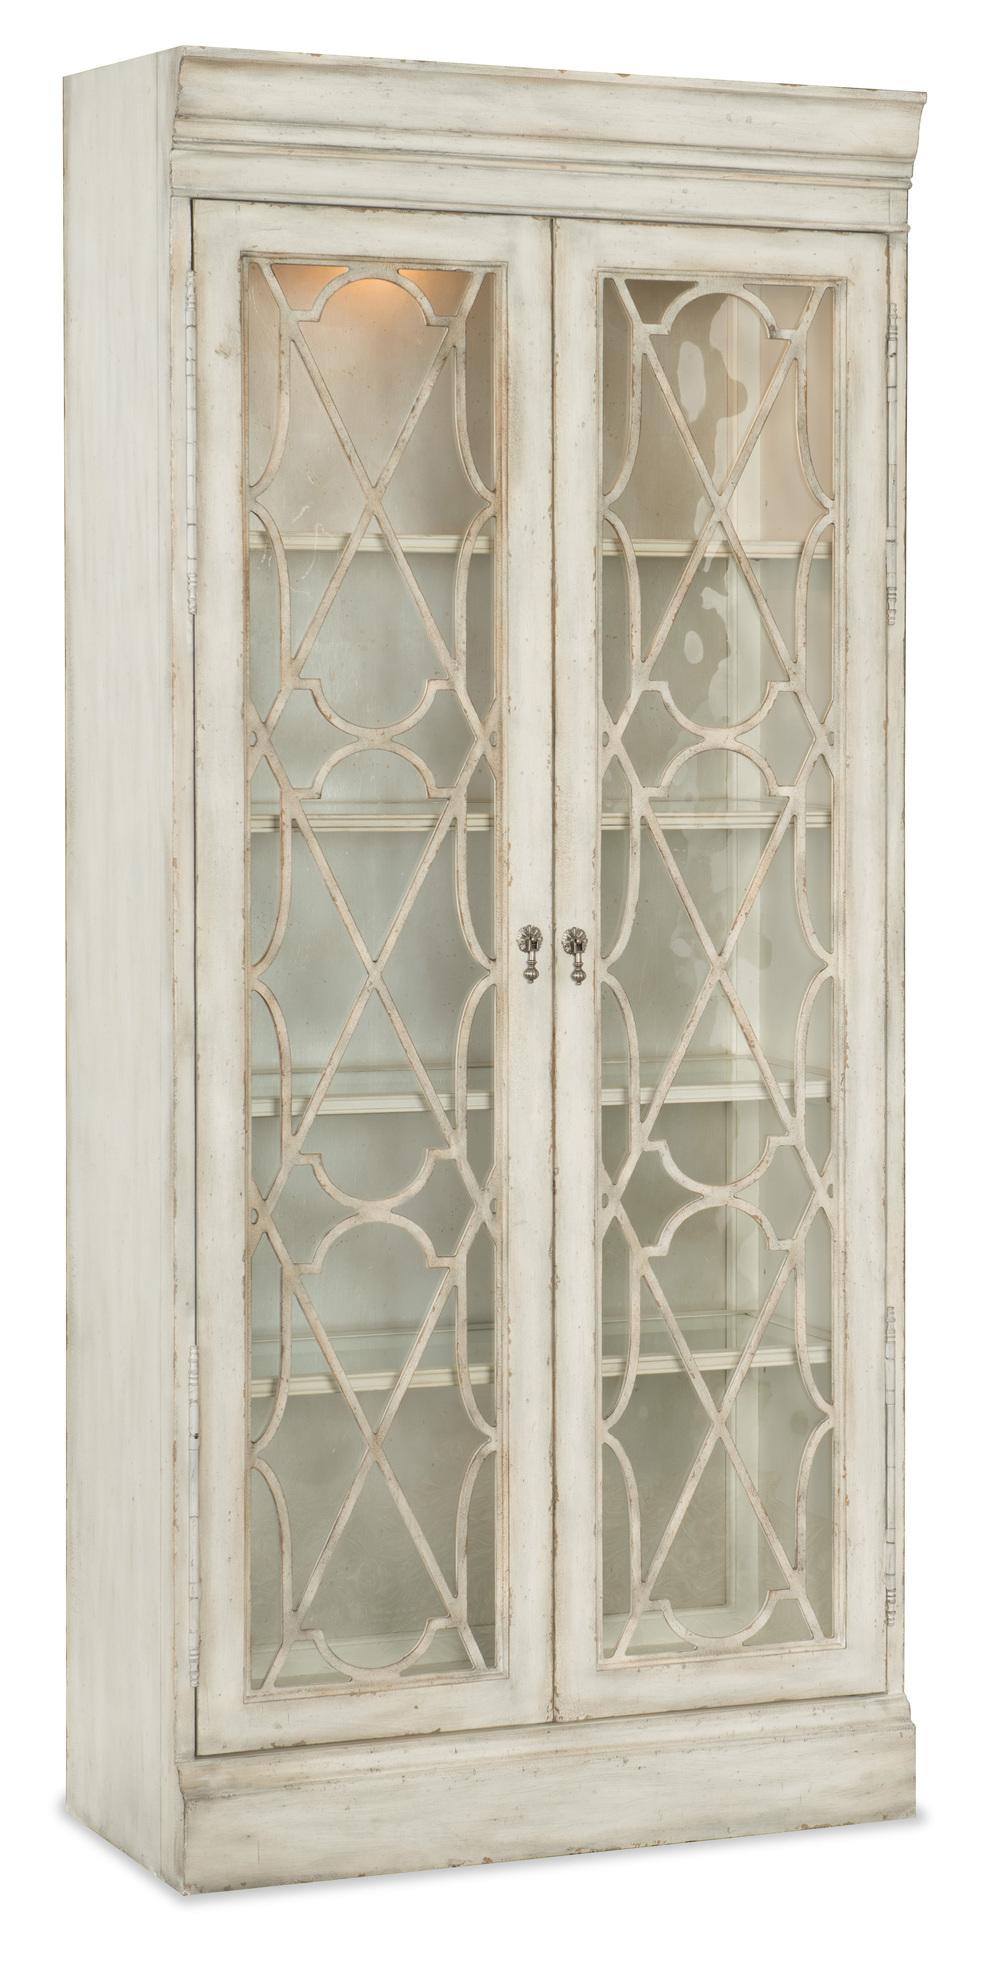 Hooker Furniture - Arabella Bunching Display Cabinet